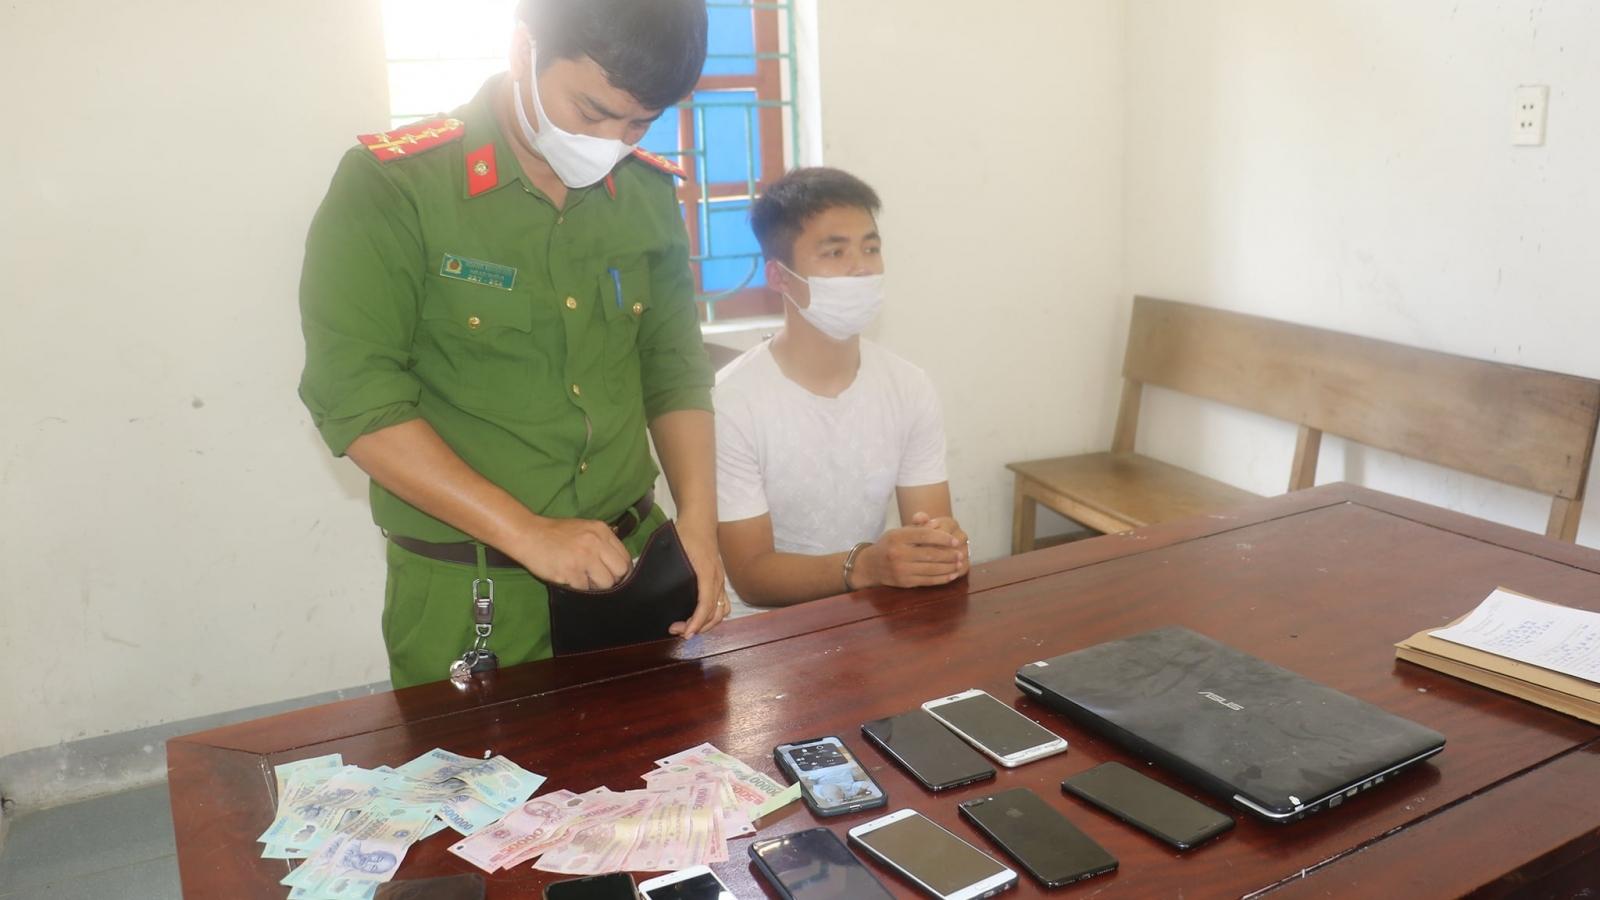 Bắt đối tượng chuyên đột nhập nhà dân, cửa hàng trộm điện thoại